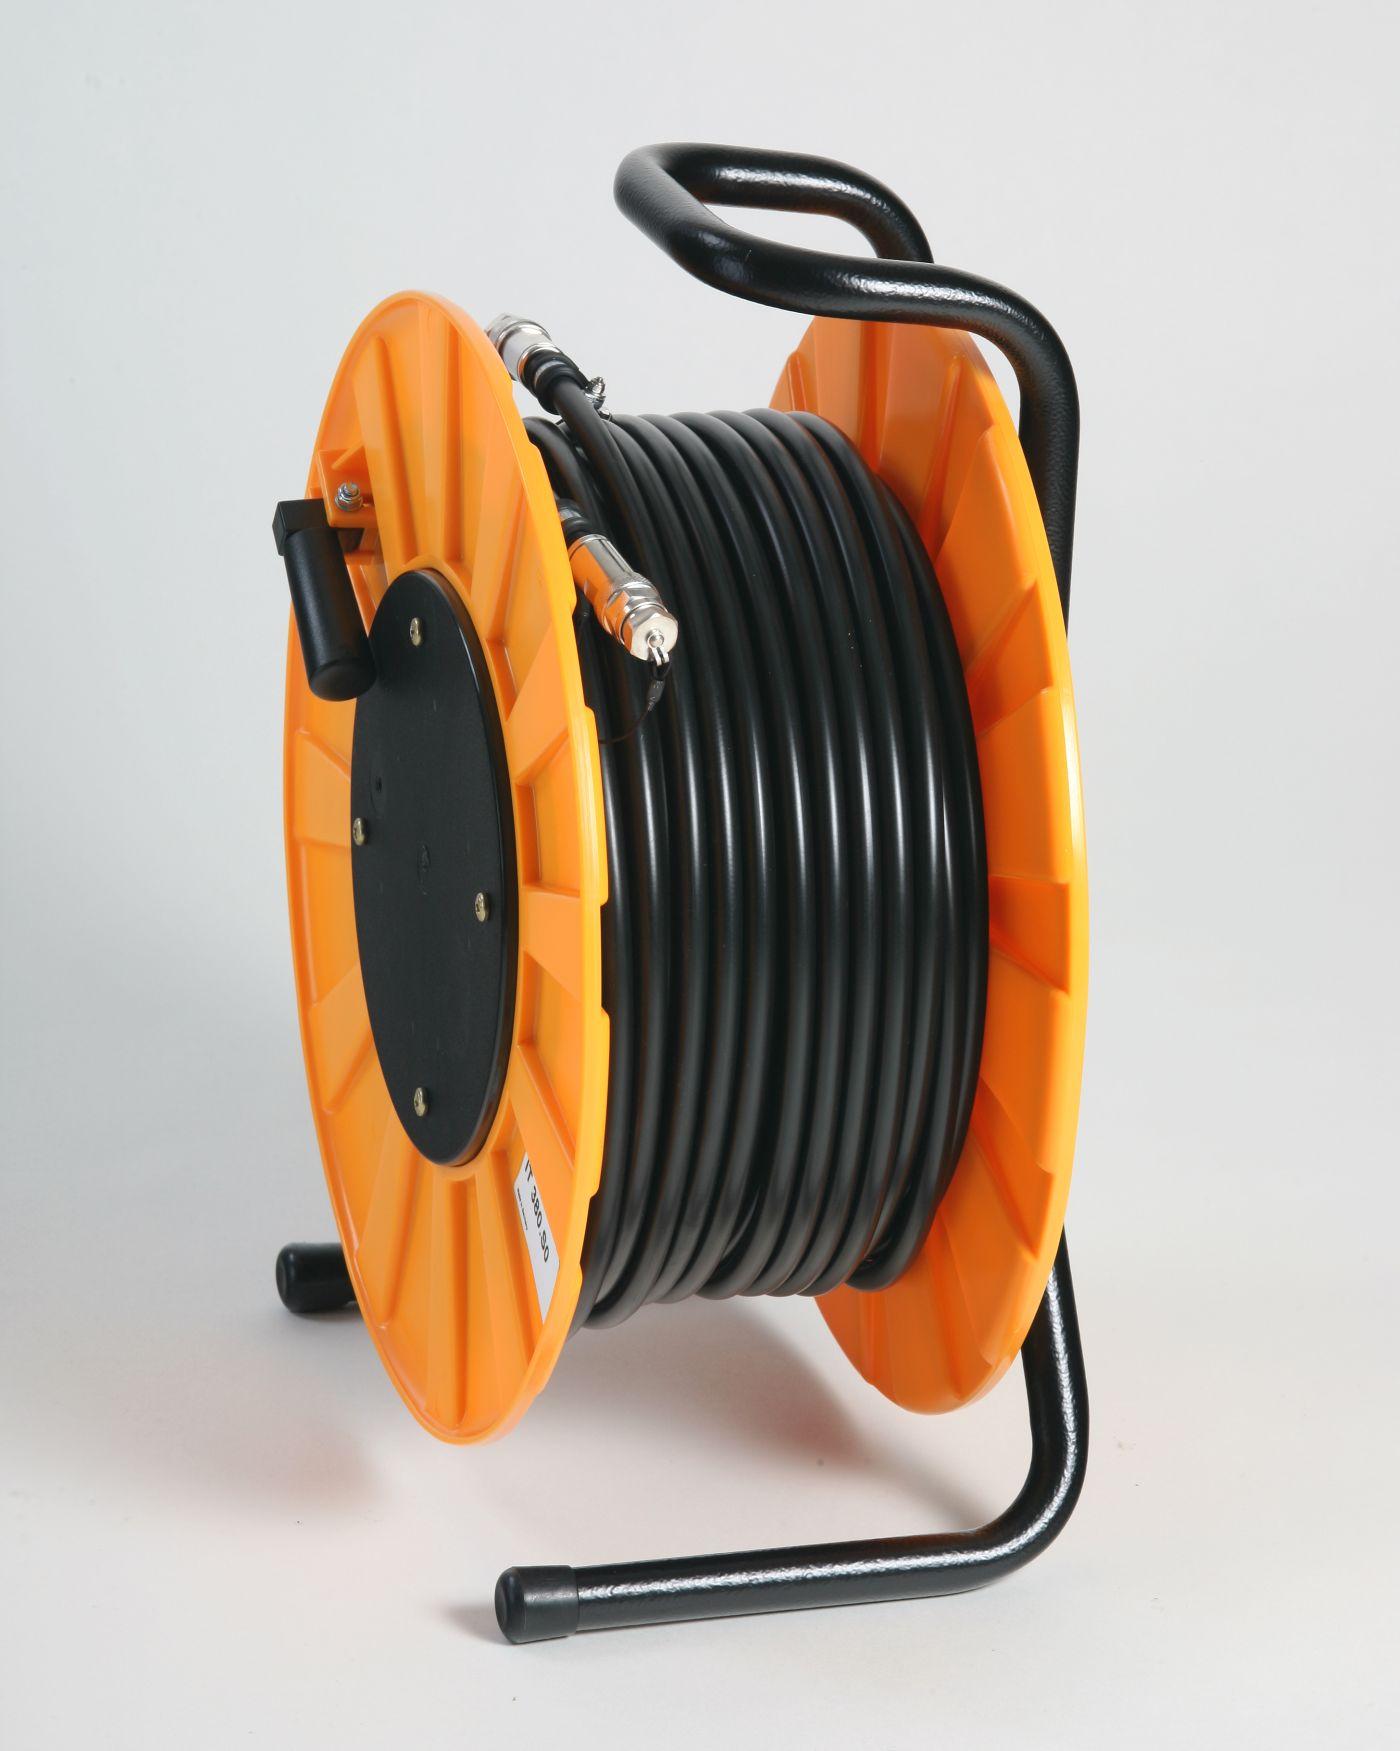 Kabelkonfektionierung Rosenheim